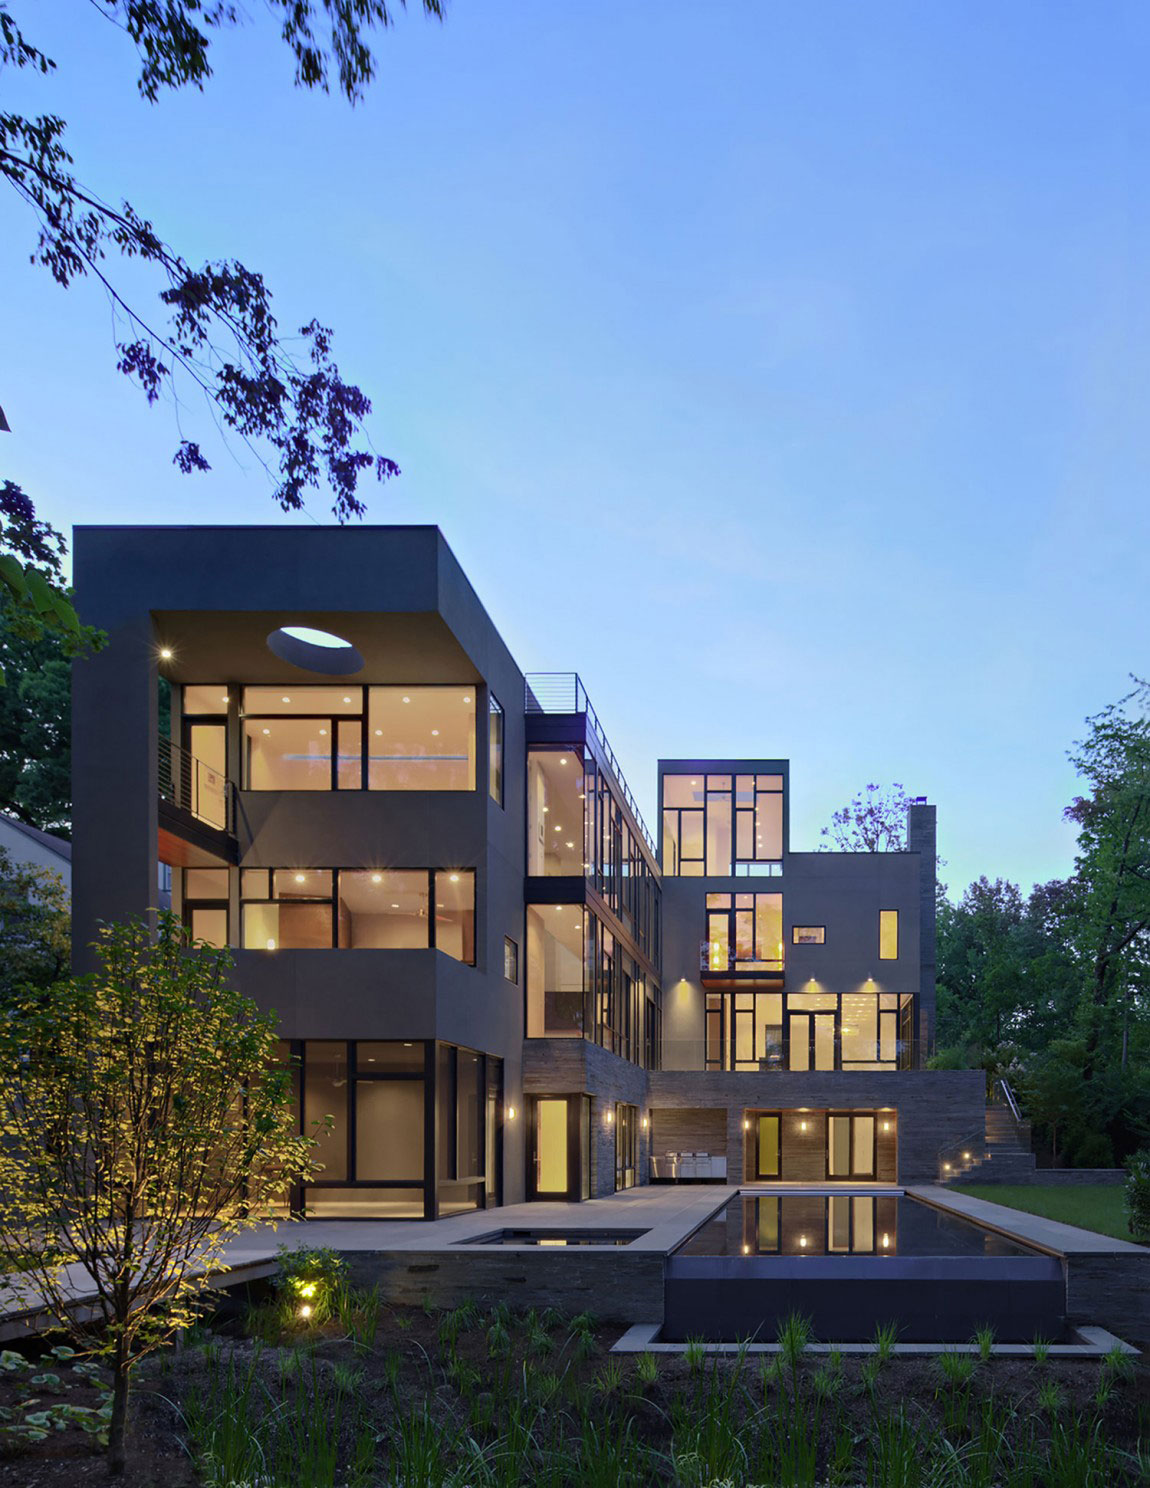 Brandywine-huset-är-en-inredning-och-arkitektur-inspiration-17 Brandywine-huset är en inspiration för inredning och arkitektur